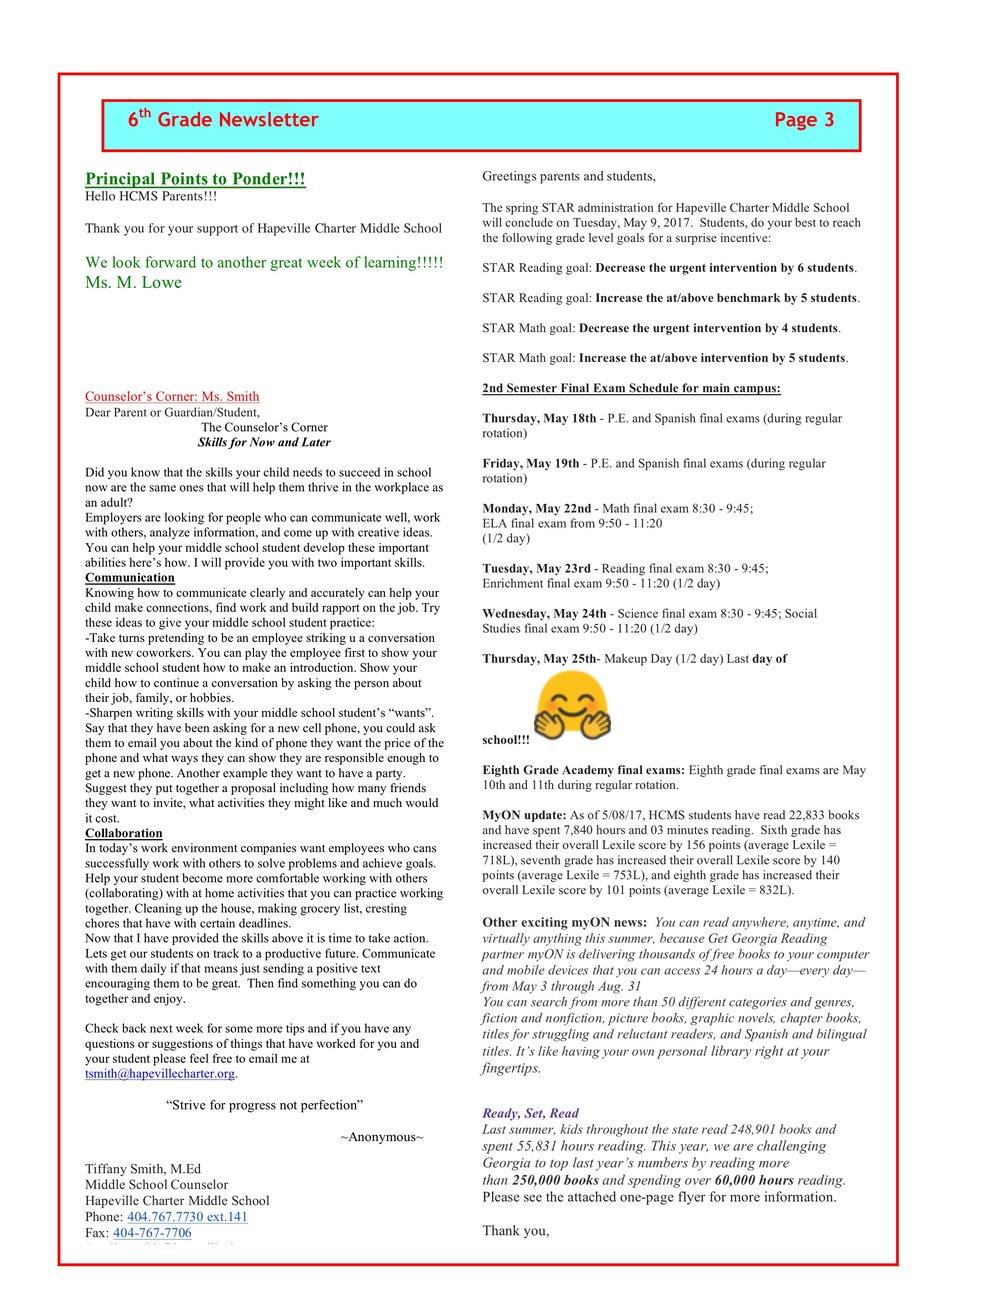 Newsletter Image6th Grade Newsletter 5-9-2017 3.jpeg